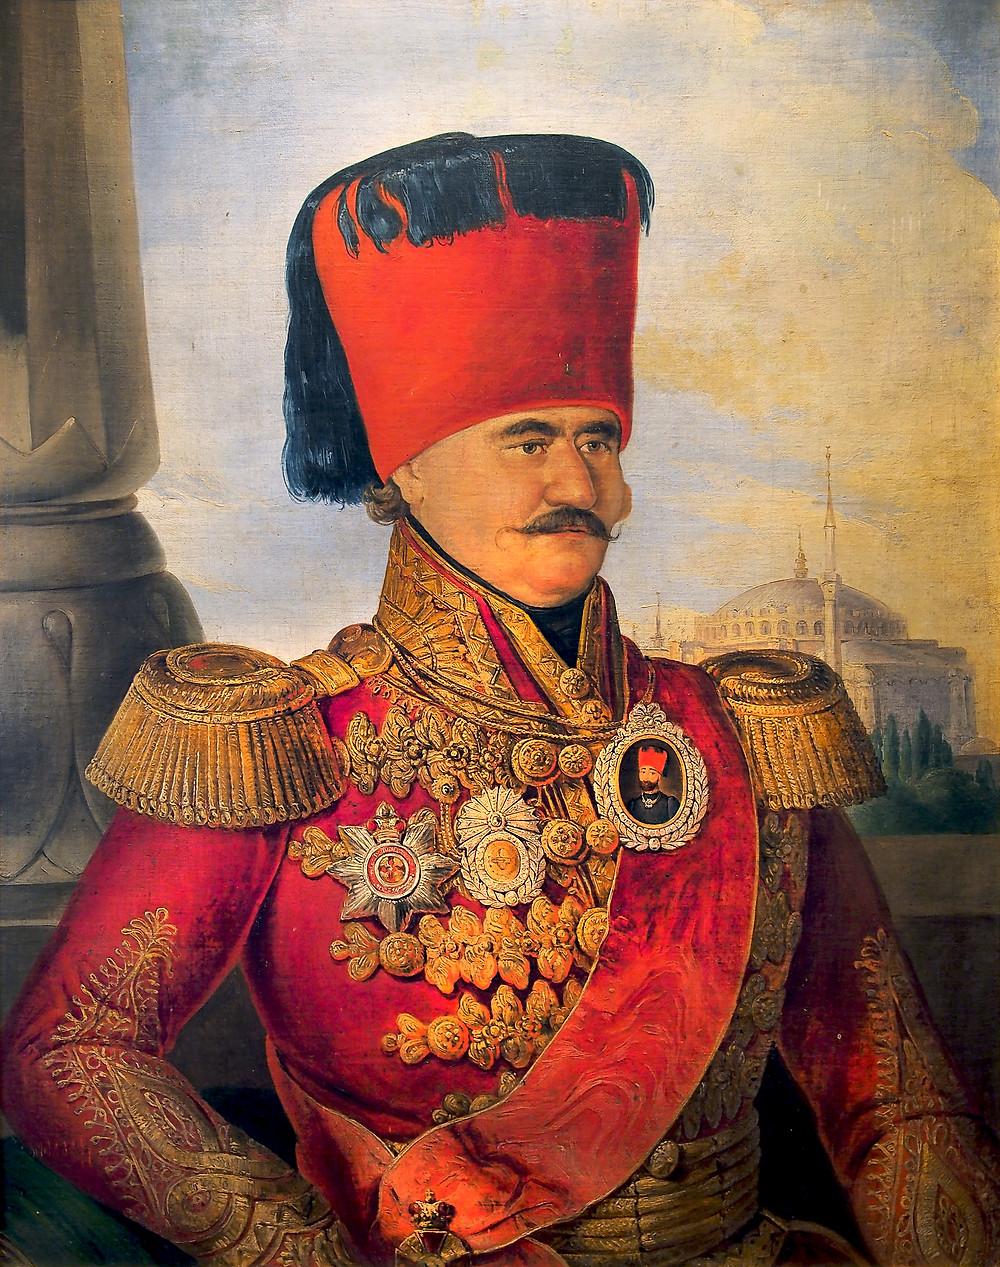 Miloš Obrenović as Knez of Serbia